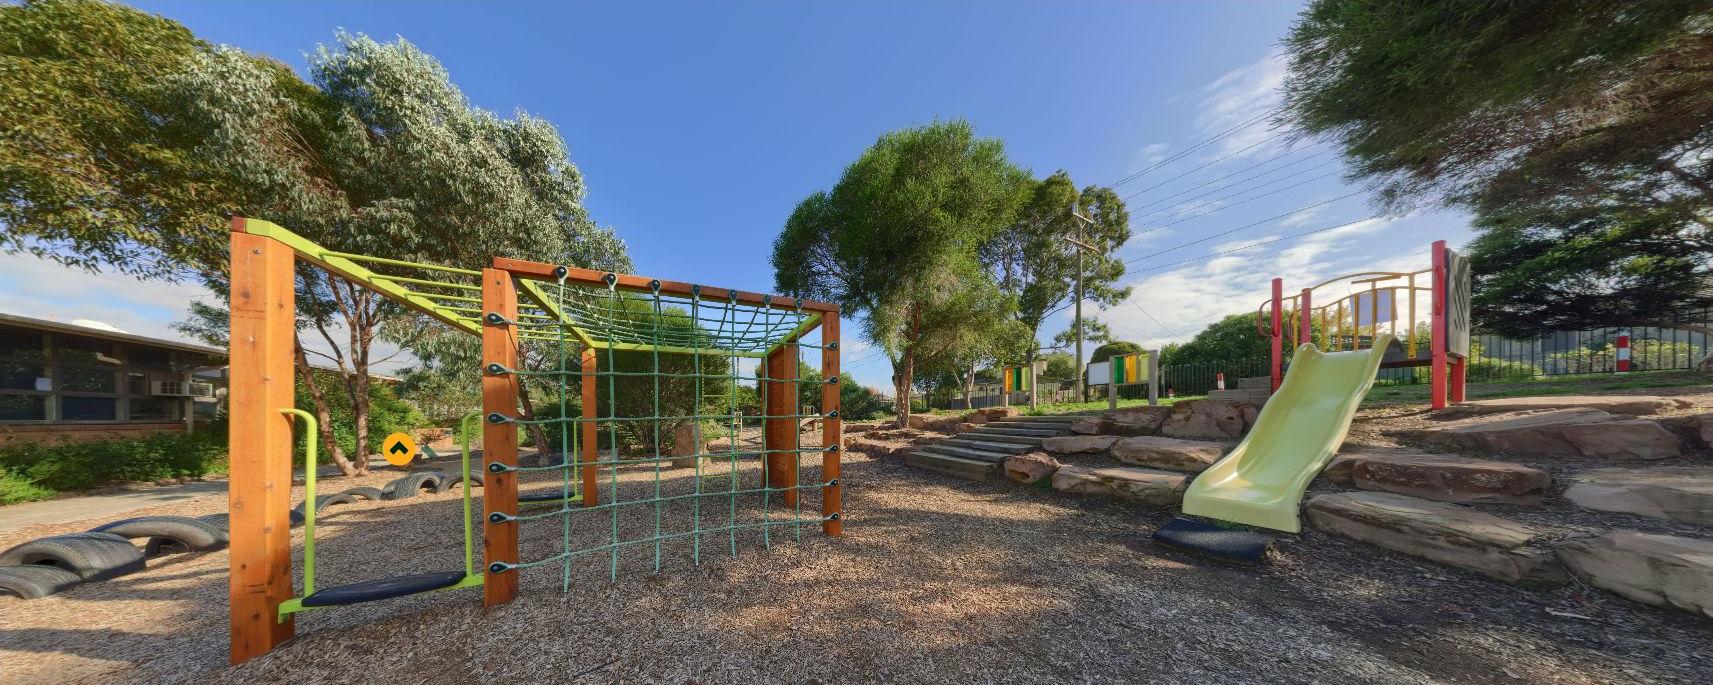 Nature-playground-